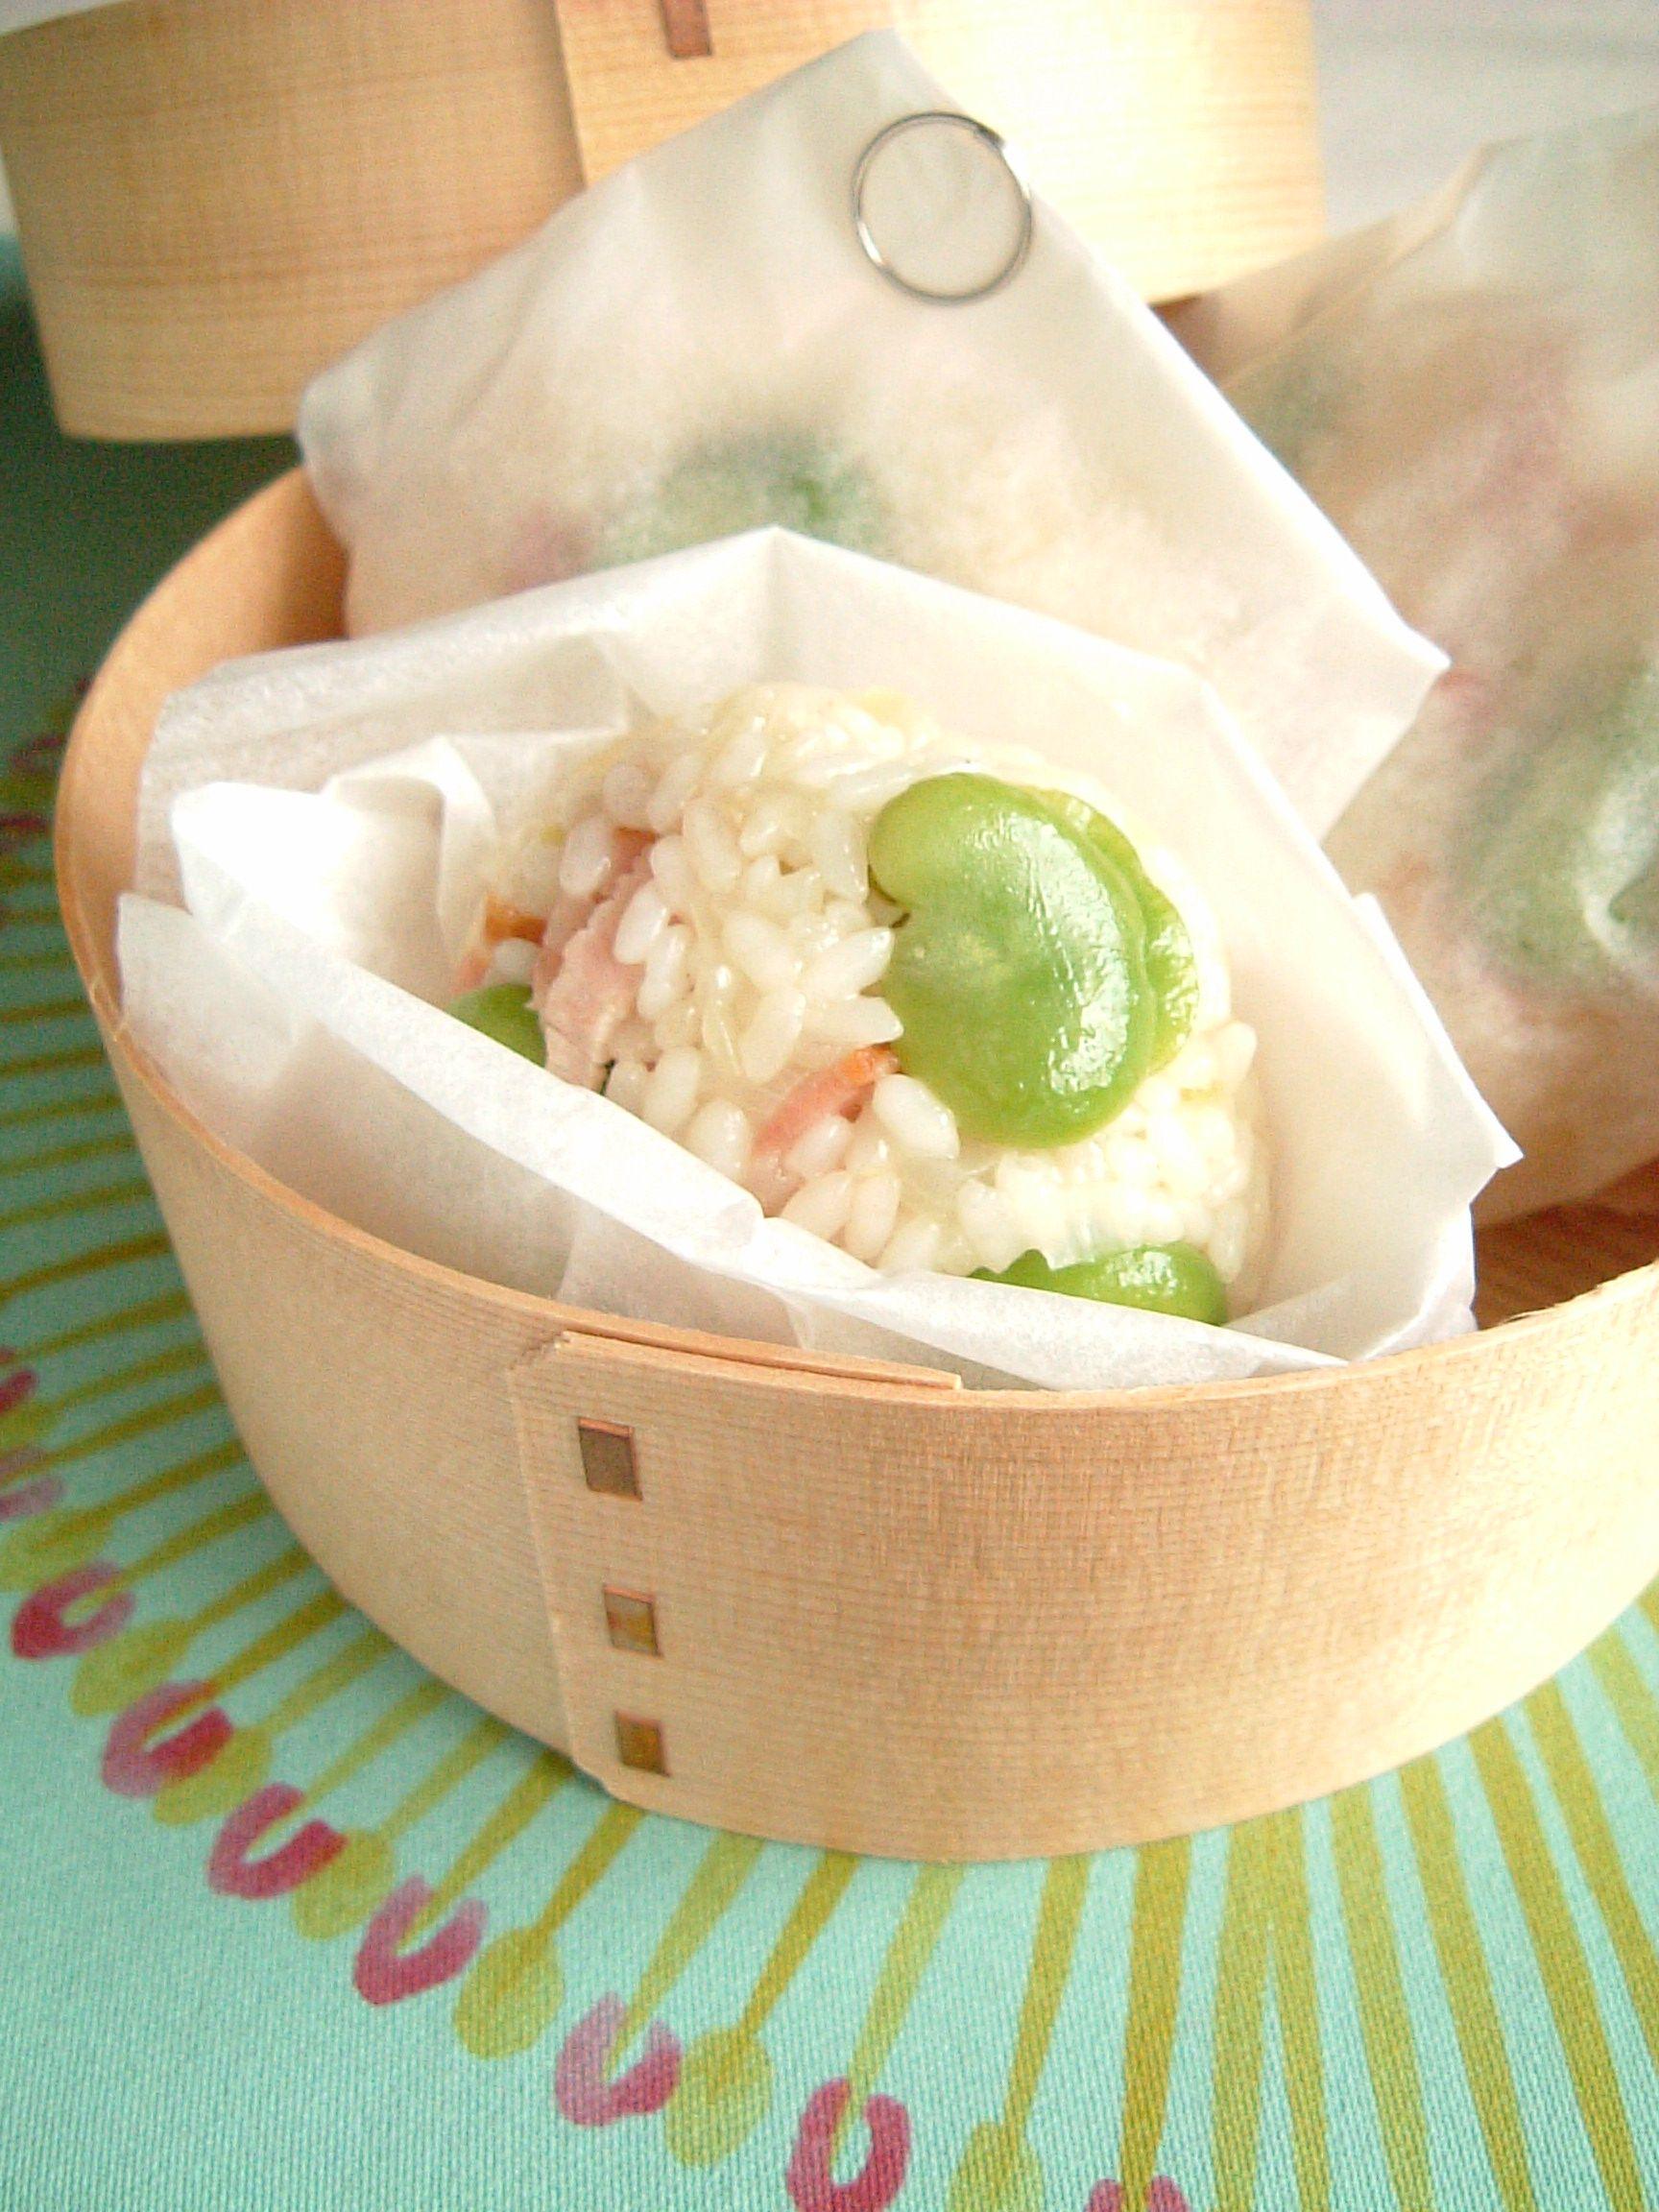 そら豆とベーコンの洋風ちまき レシピ 介護食 料理